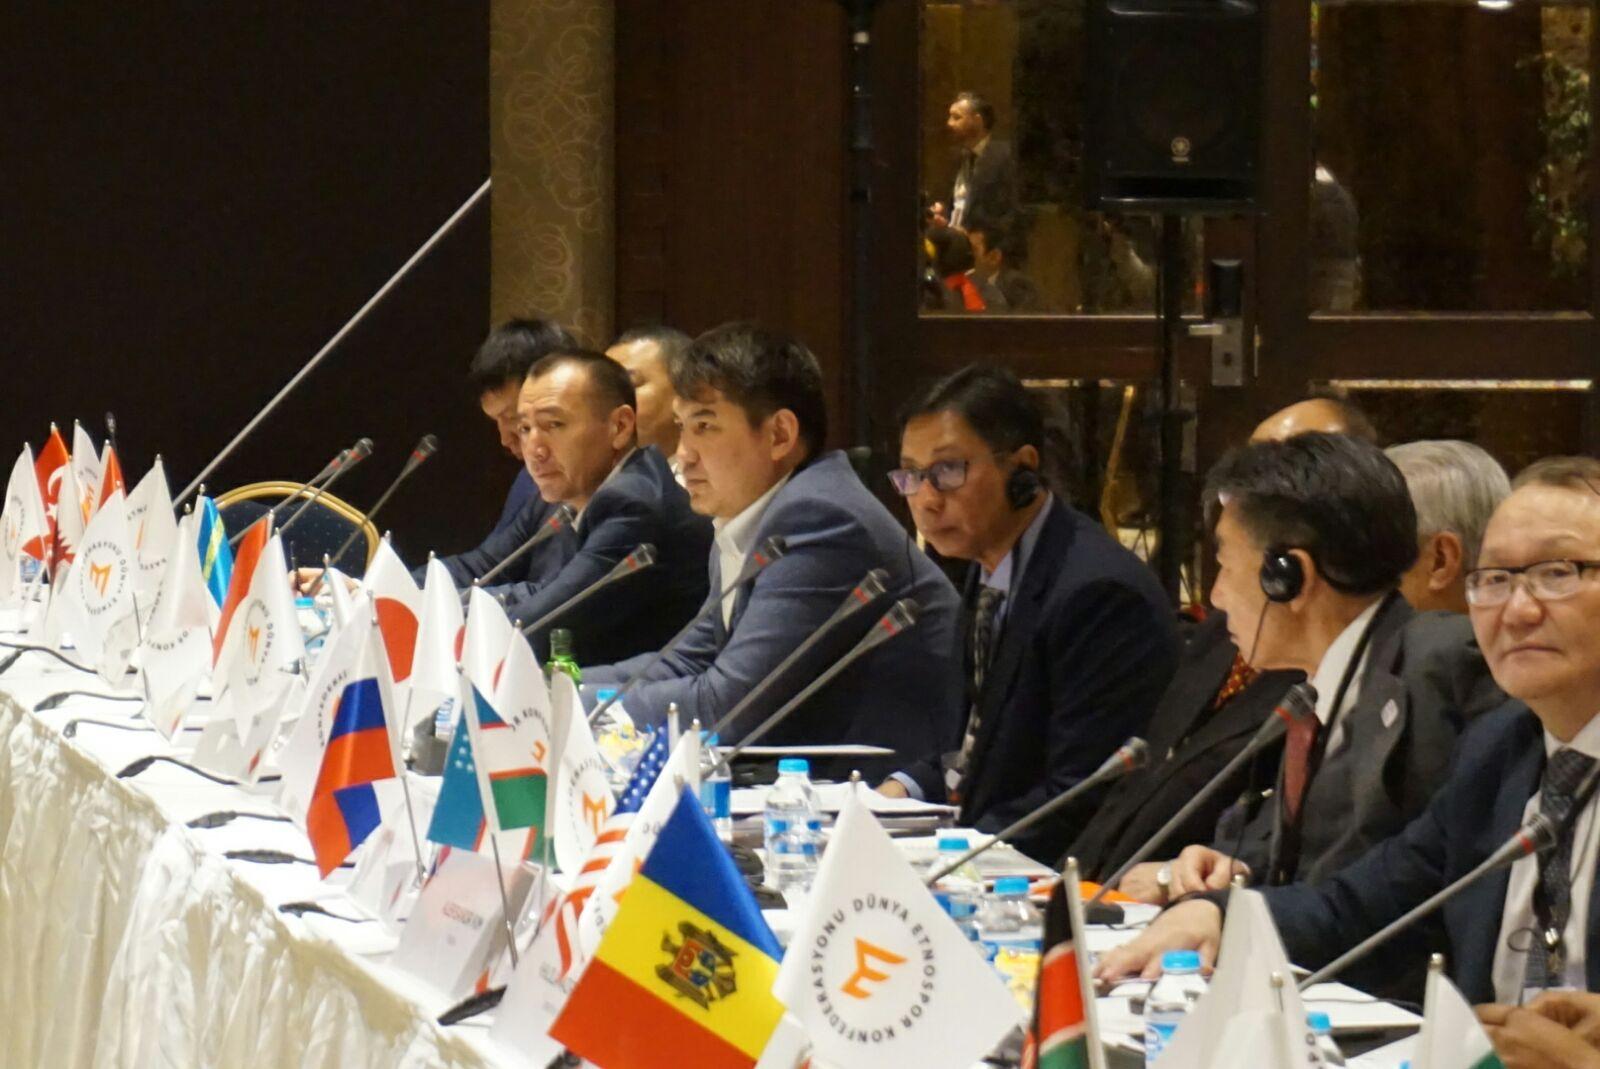 world ethnosport forum